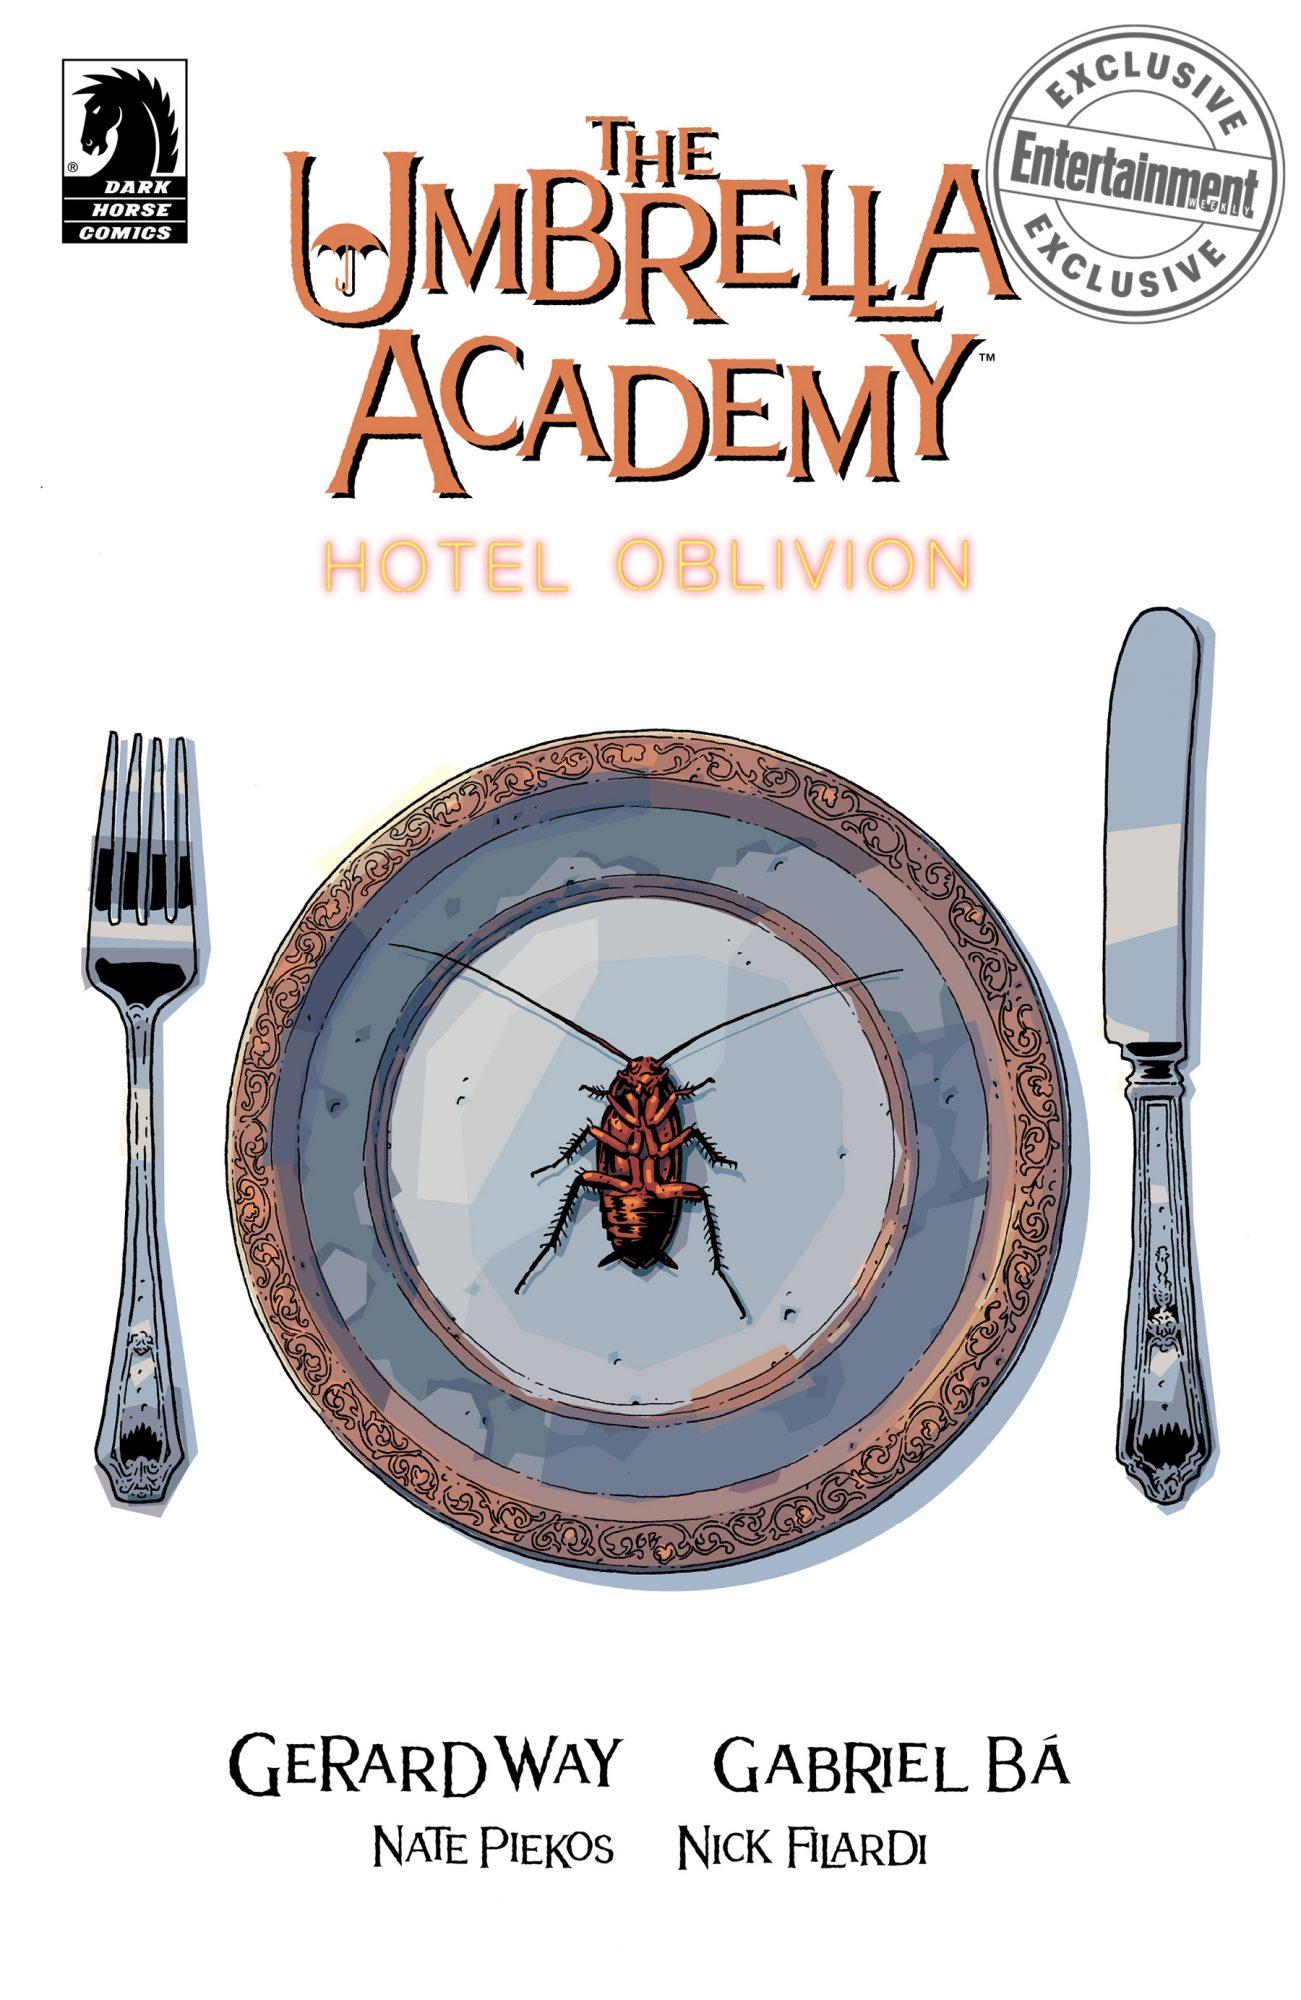 Umbrella Academy Hotel OblivionCR: Dark Horse Comics